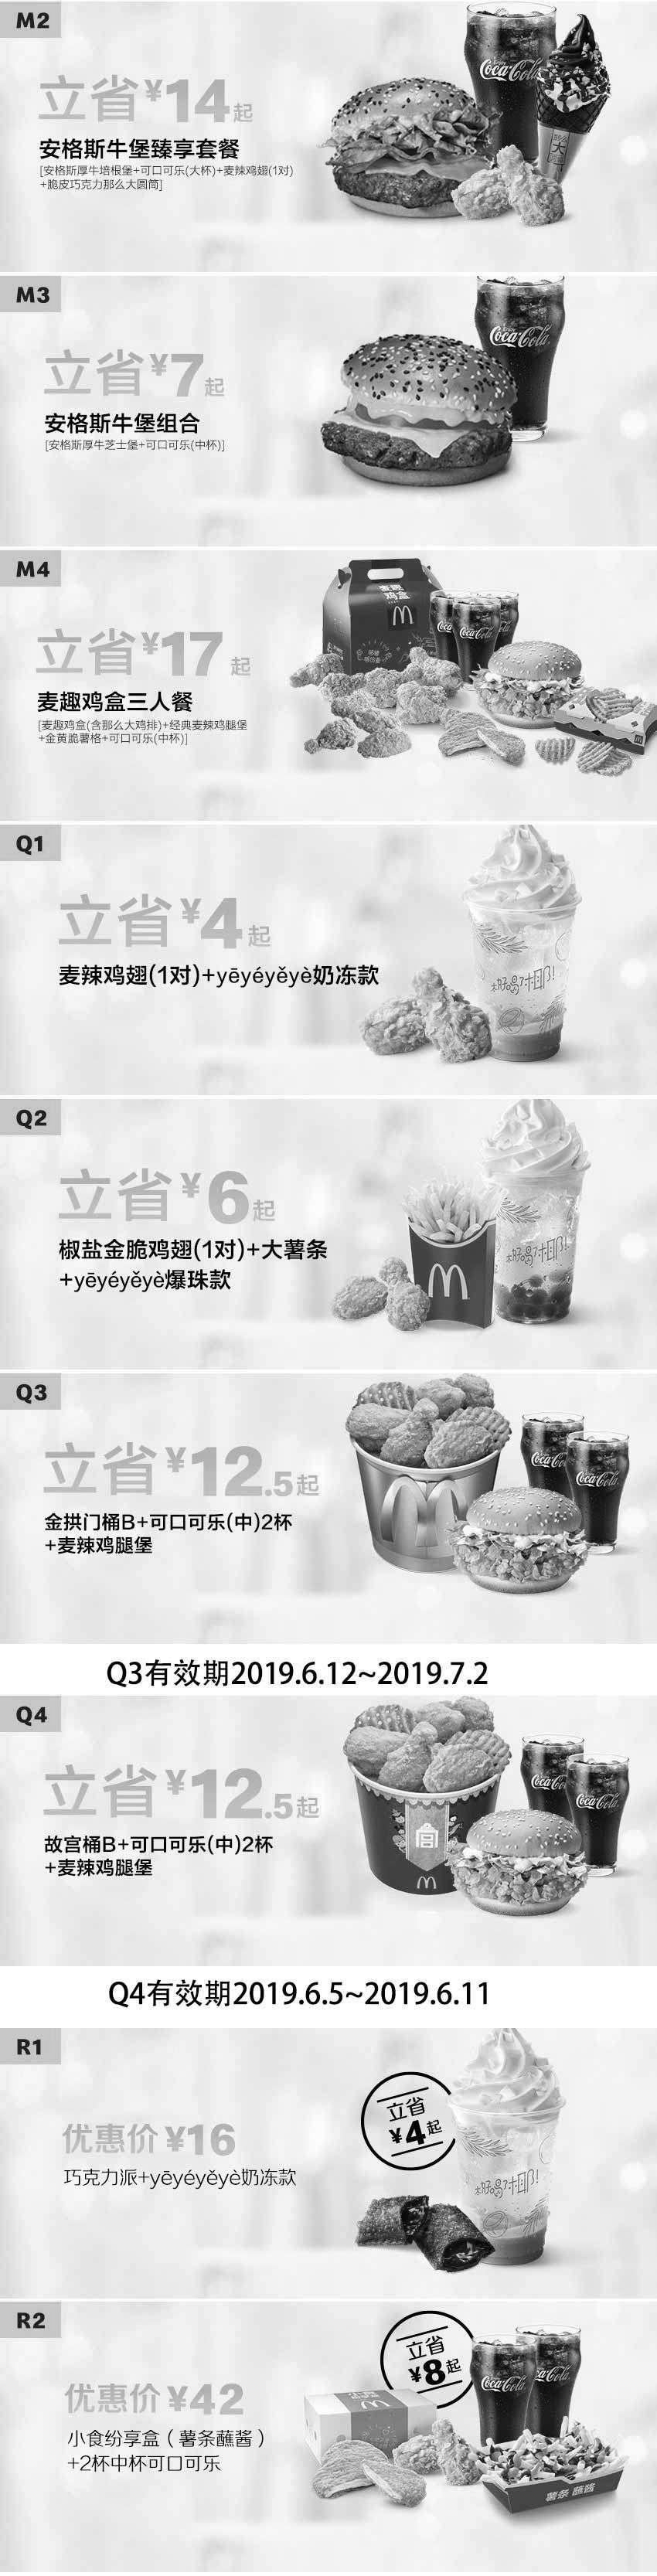 黑白优惠券图片:麦当劳2019年6月5日至7月2日优惠券整张版本,点餐时手机出示或报优惠码享优惠价格 - www.5ikfc.com